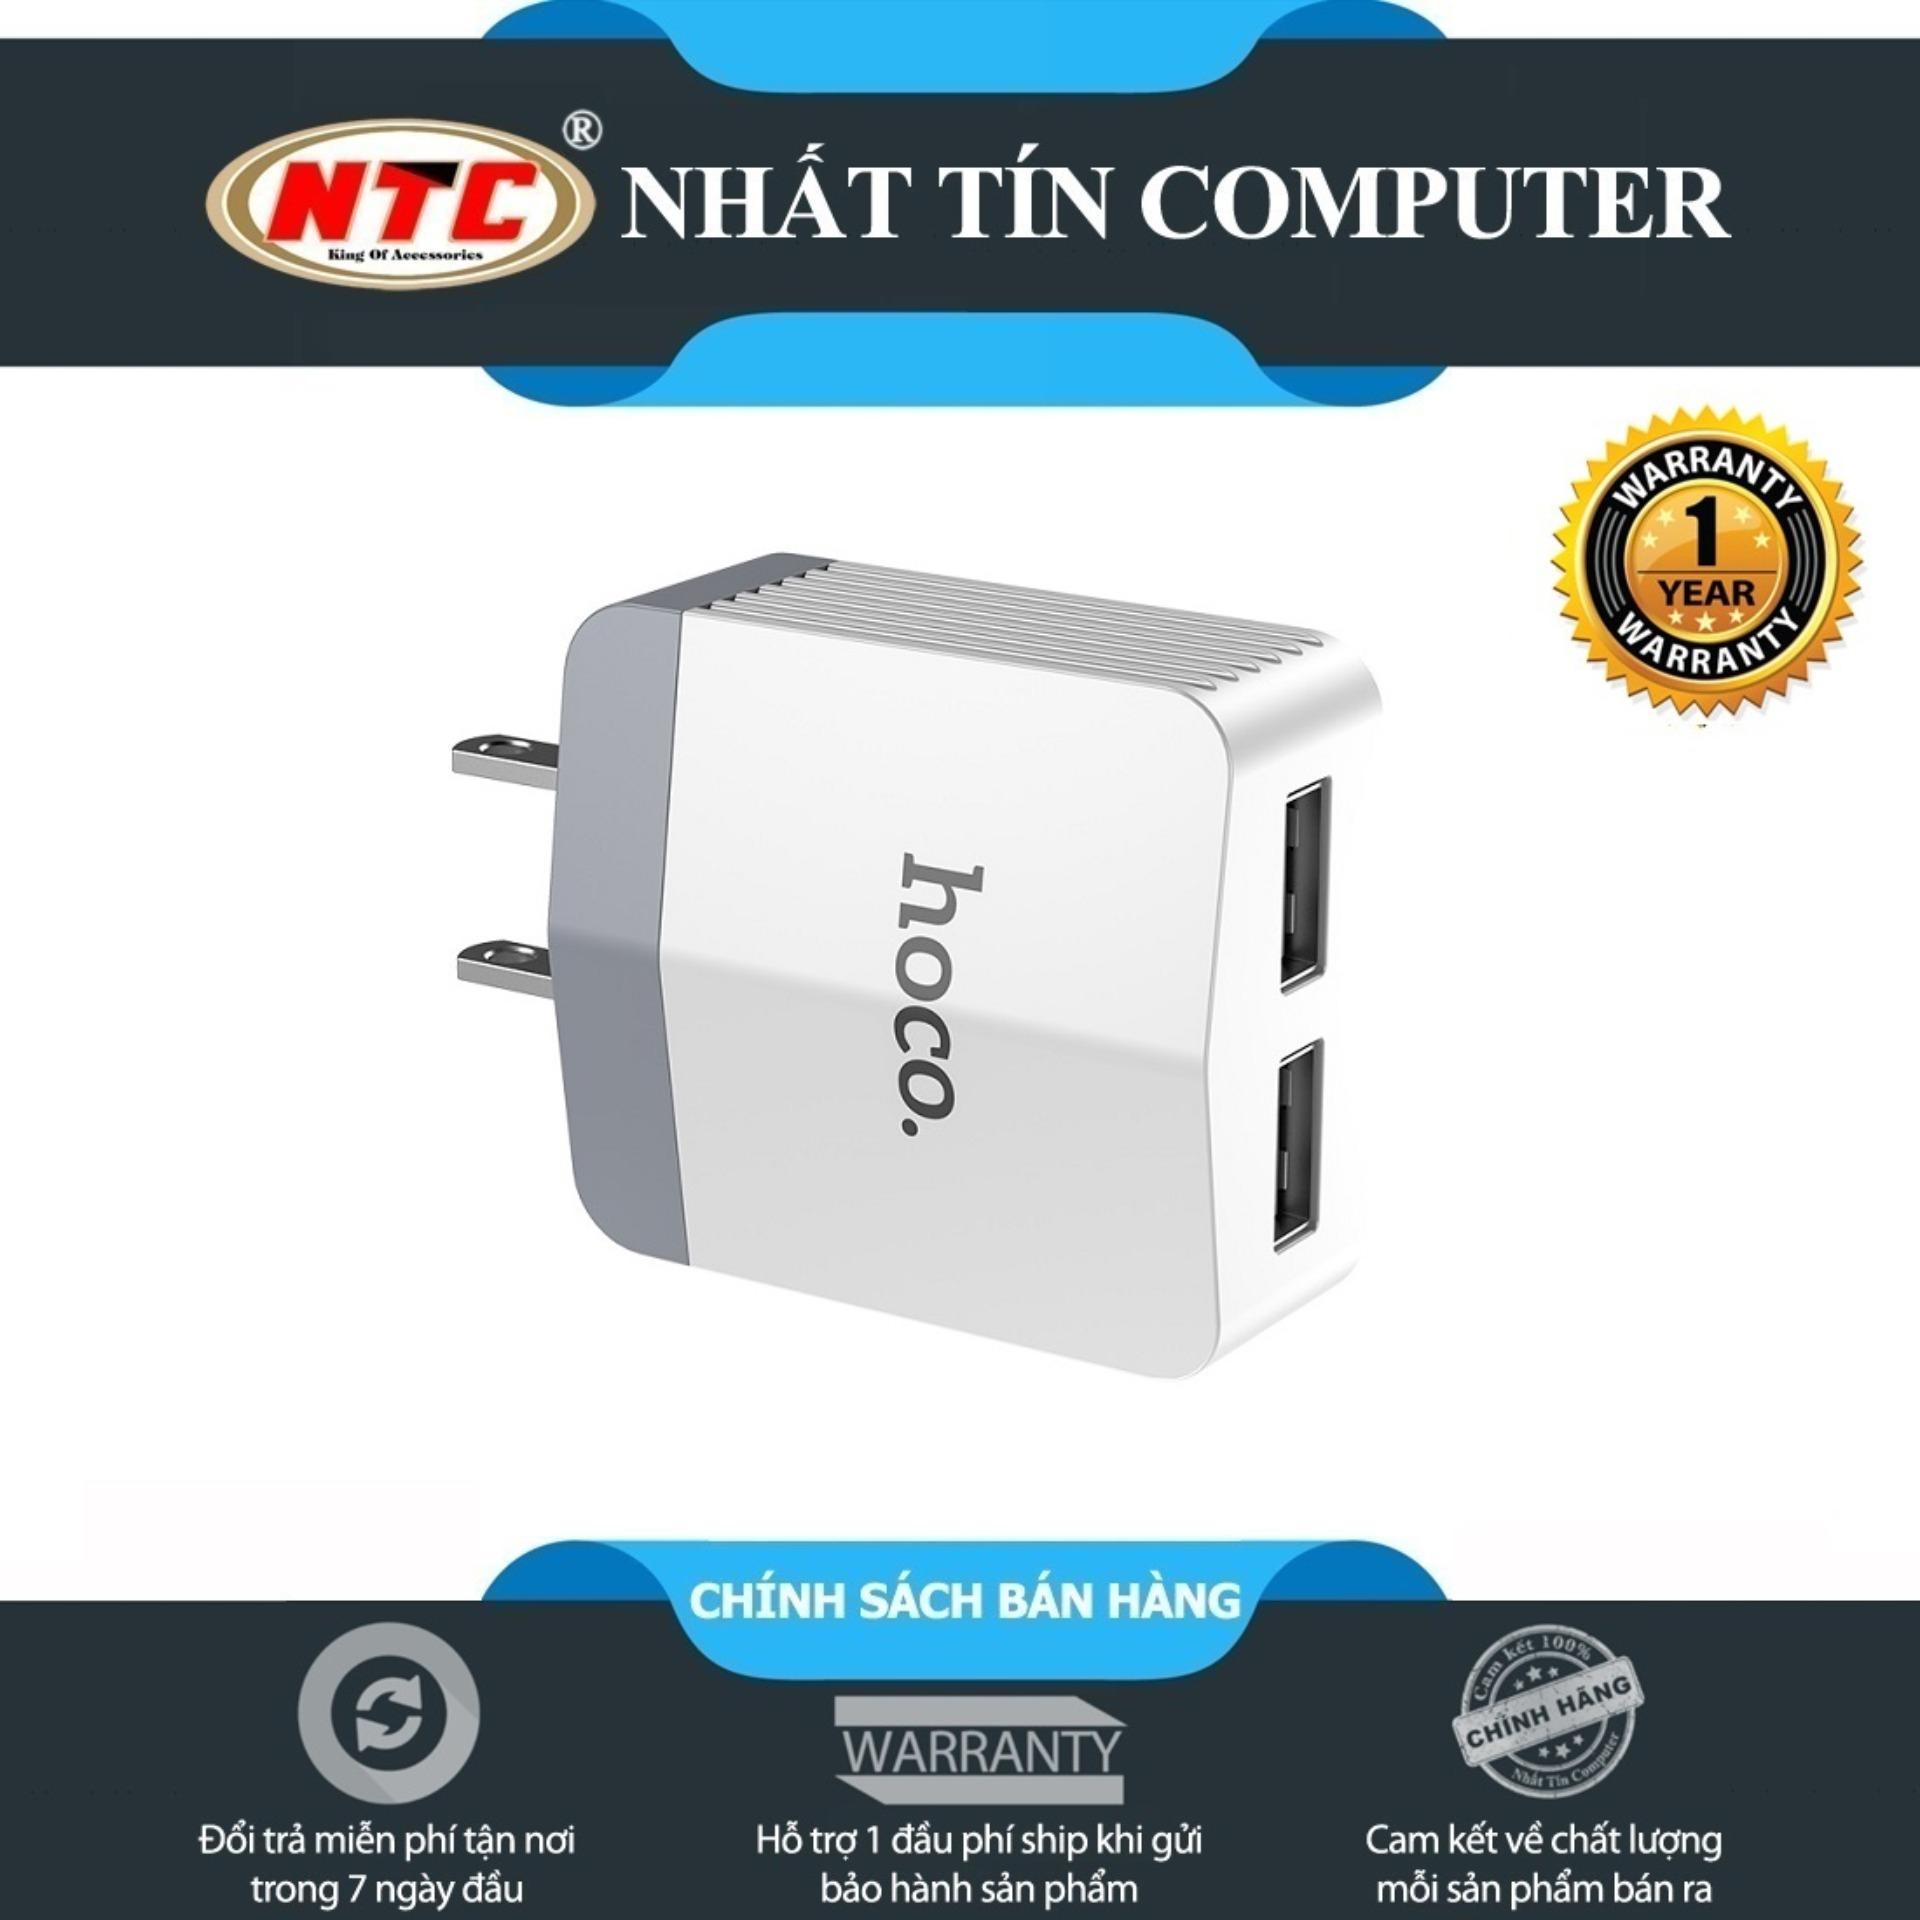 Cốc sạc 2 cổng hoco C13B Dual USB Rapid - Output 3.4A (Trắng) - Hãng phân phối chính thức